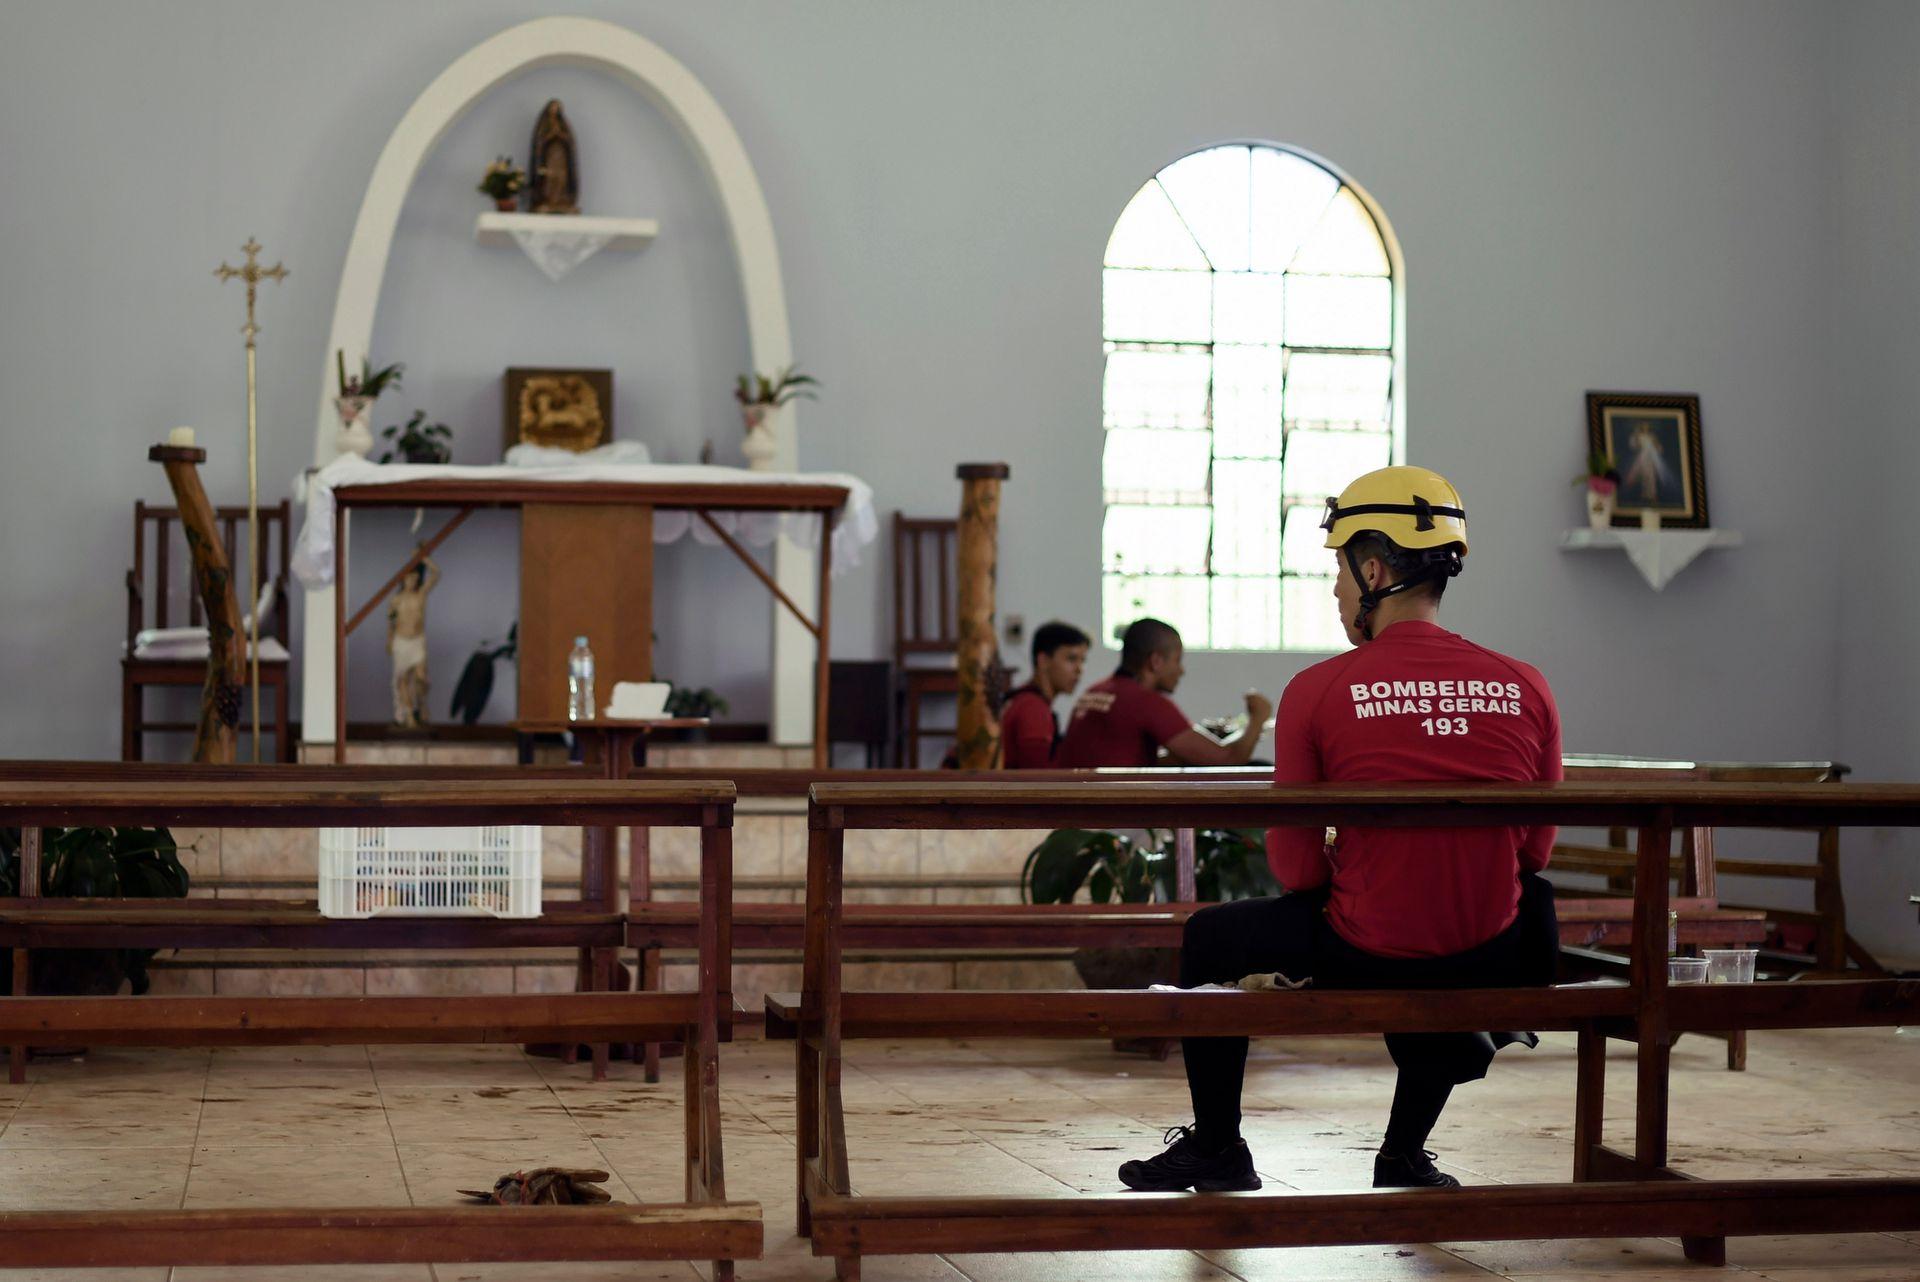 La iglesia de Corrego do Feijao se convirtió en parte del centro de comando